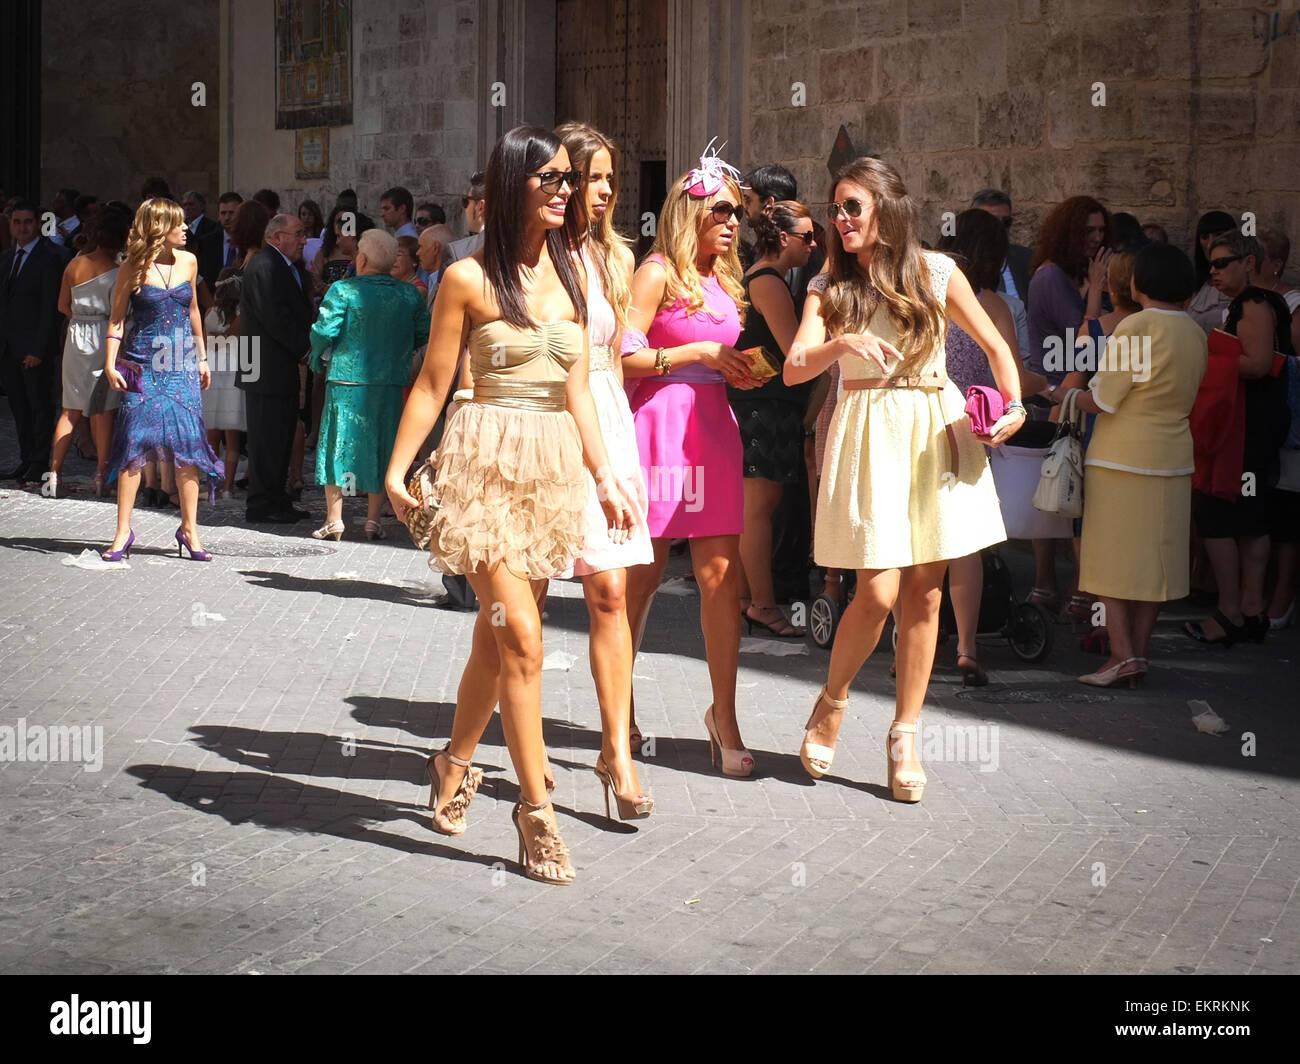 Femenino español invitado a la boda vestido para la ocasión Imagen De Stock